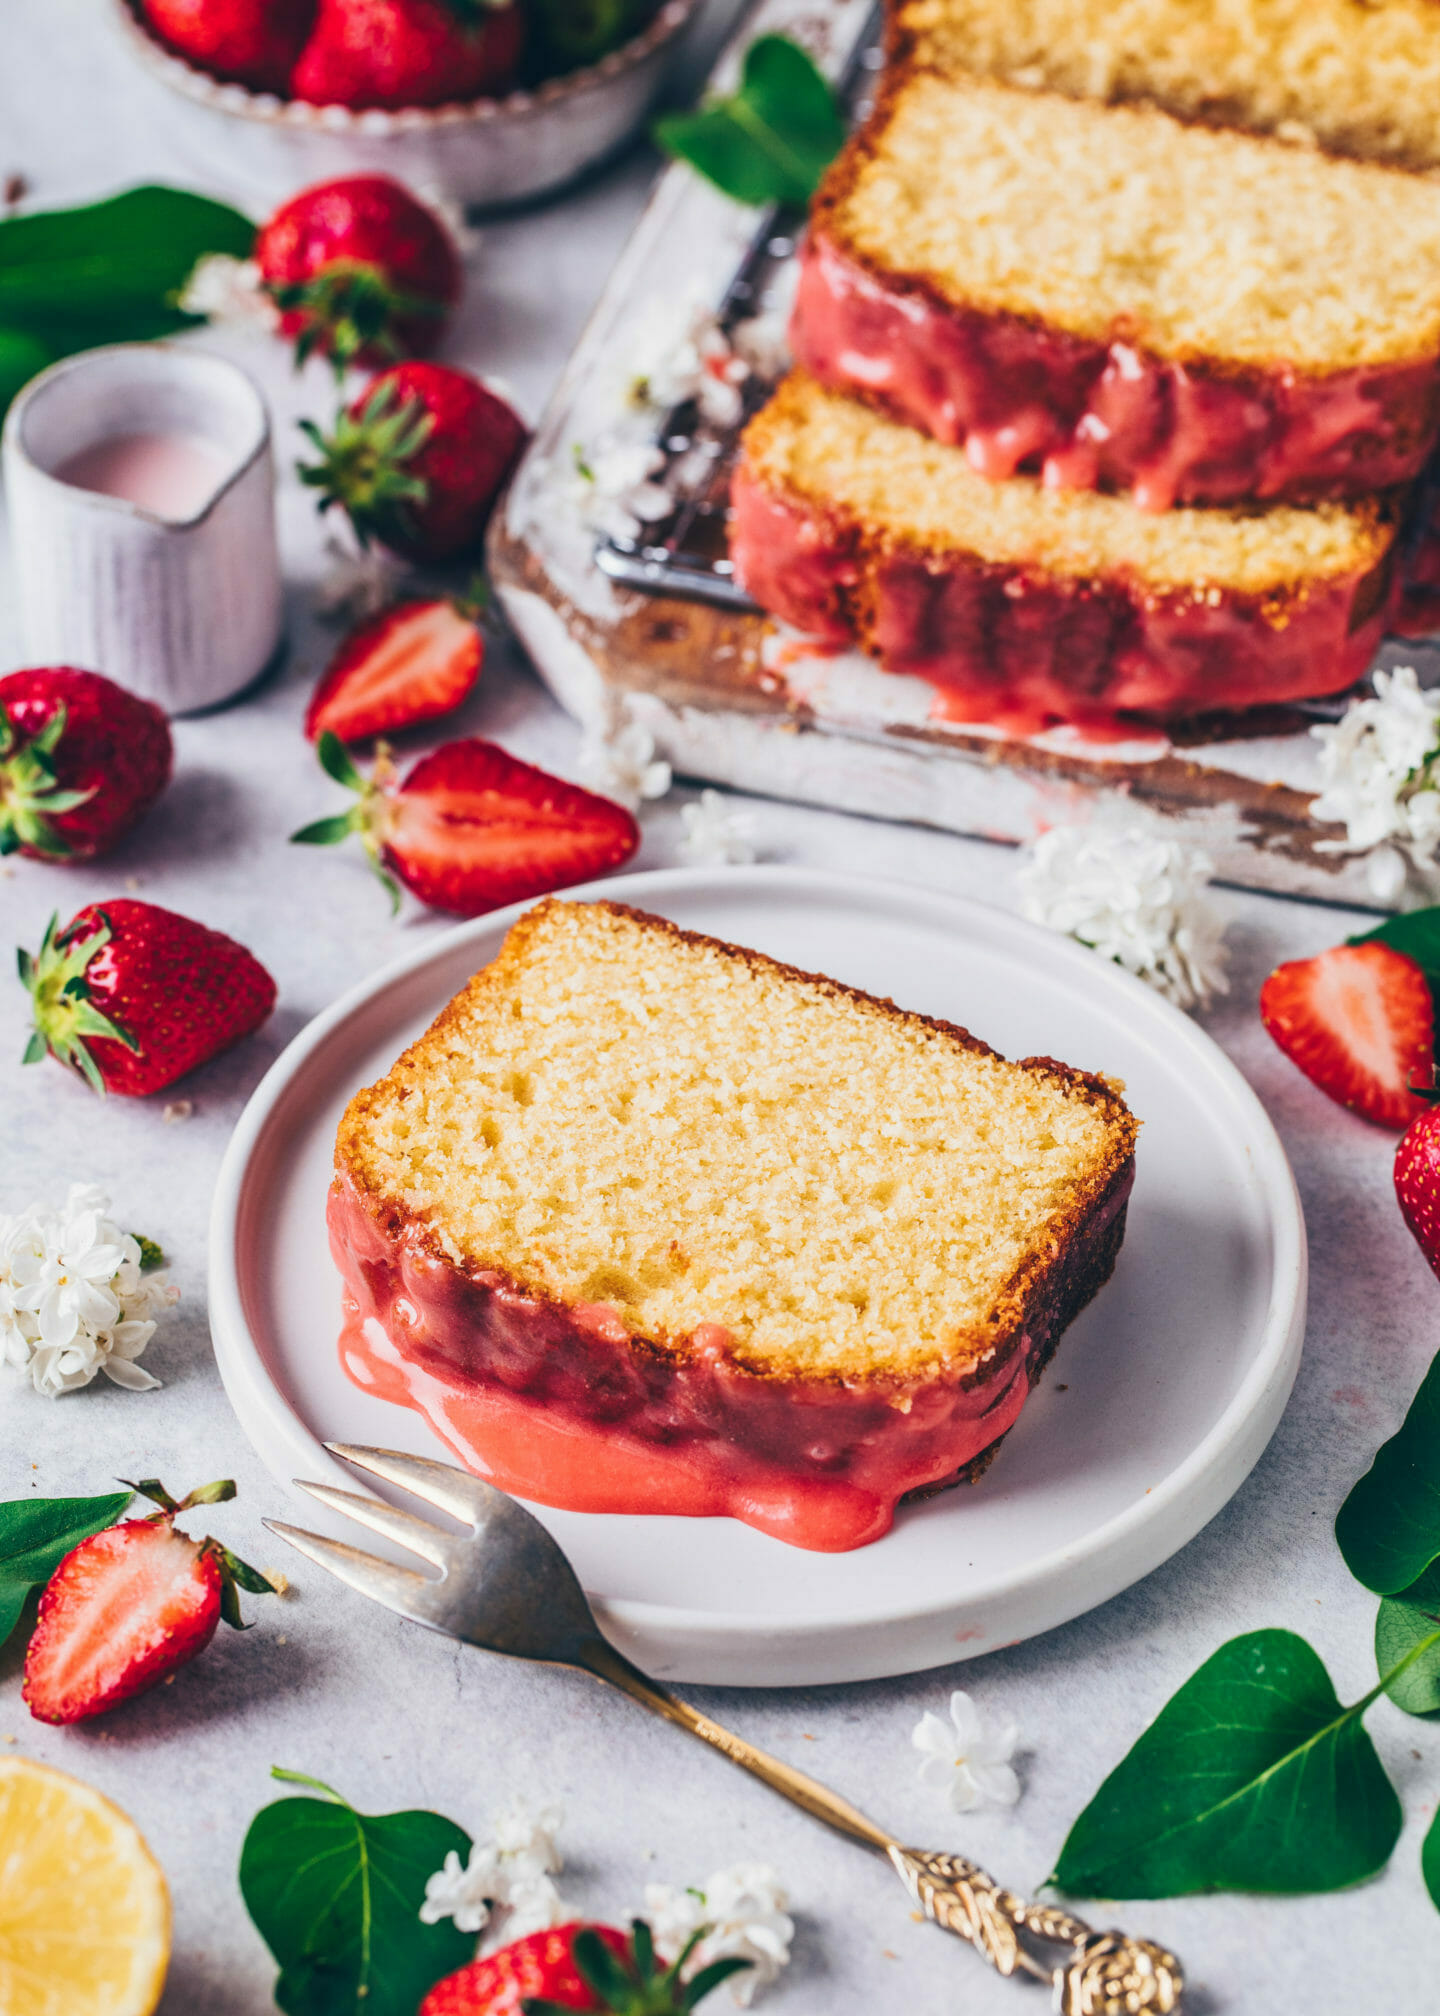 Best Lemon Cake with Strawberry Glaze